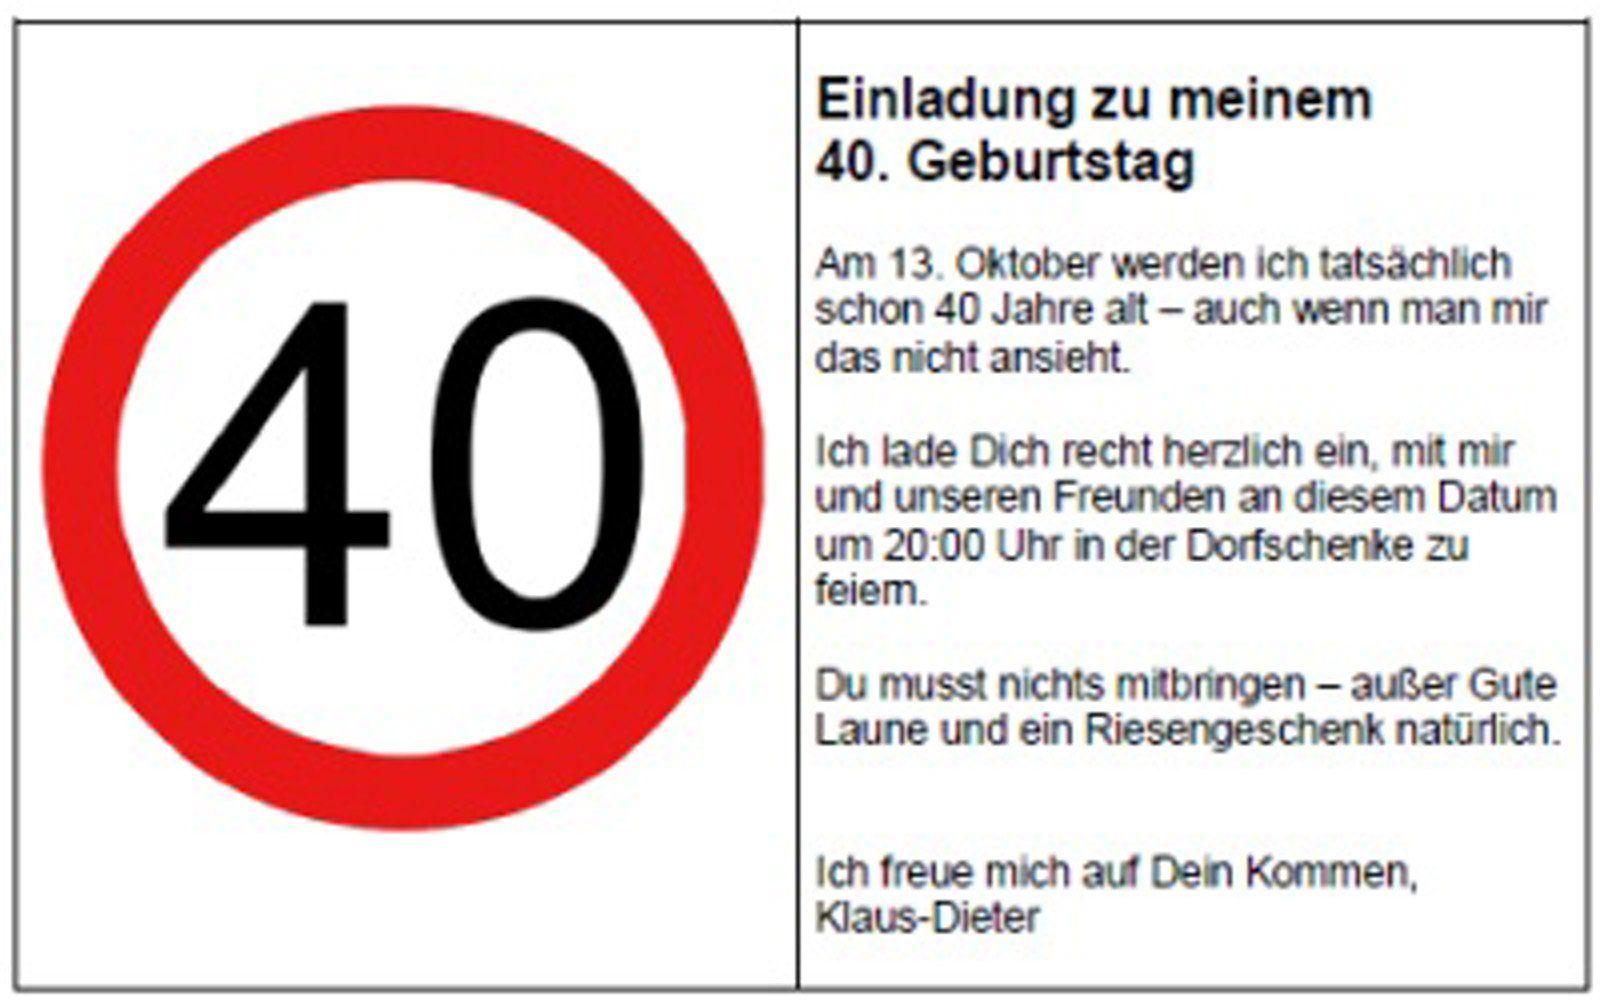 einladung geburtstag : einladungen 40 geburtstag - geburstag, Einladungsentwurf